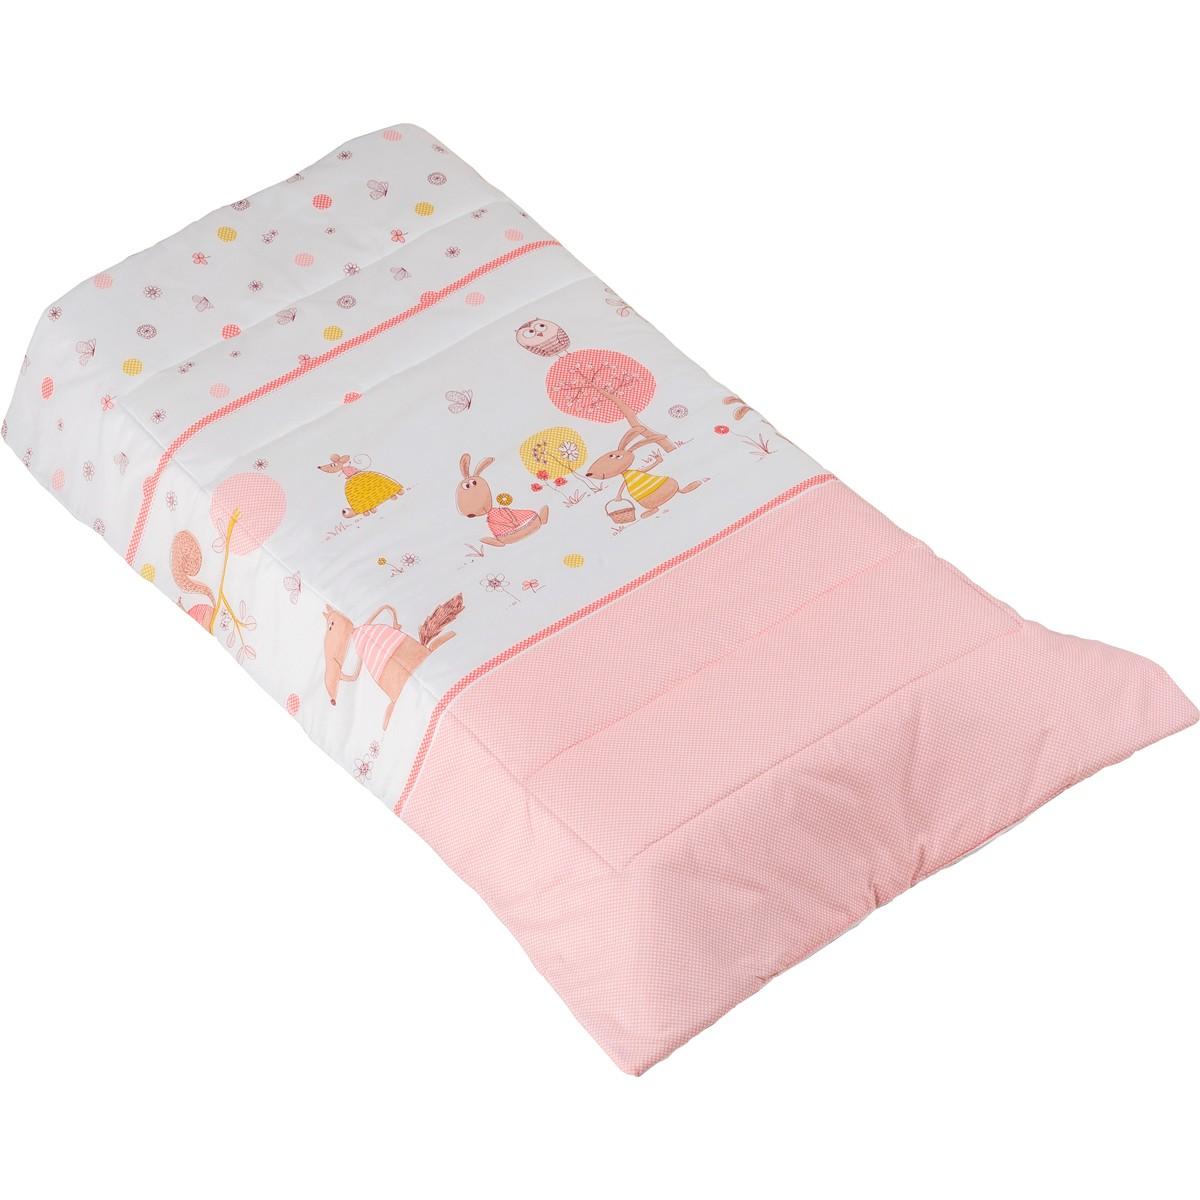 Πάπλωμα Λίκνου Κόσμος Του Μωρού 0885 Countryside Ροζ